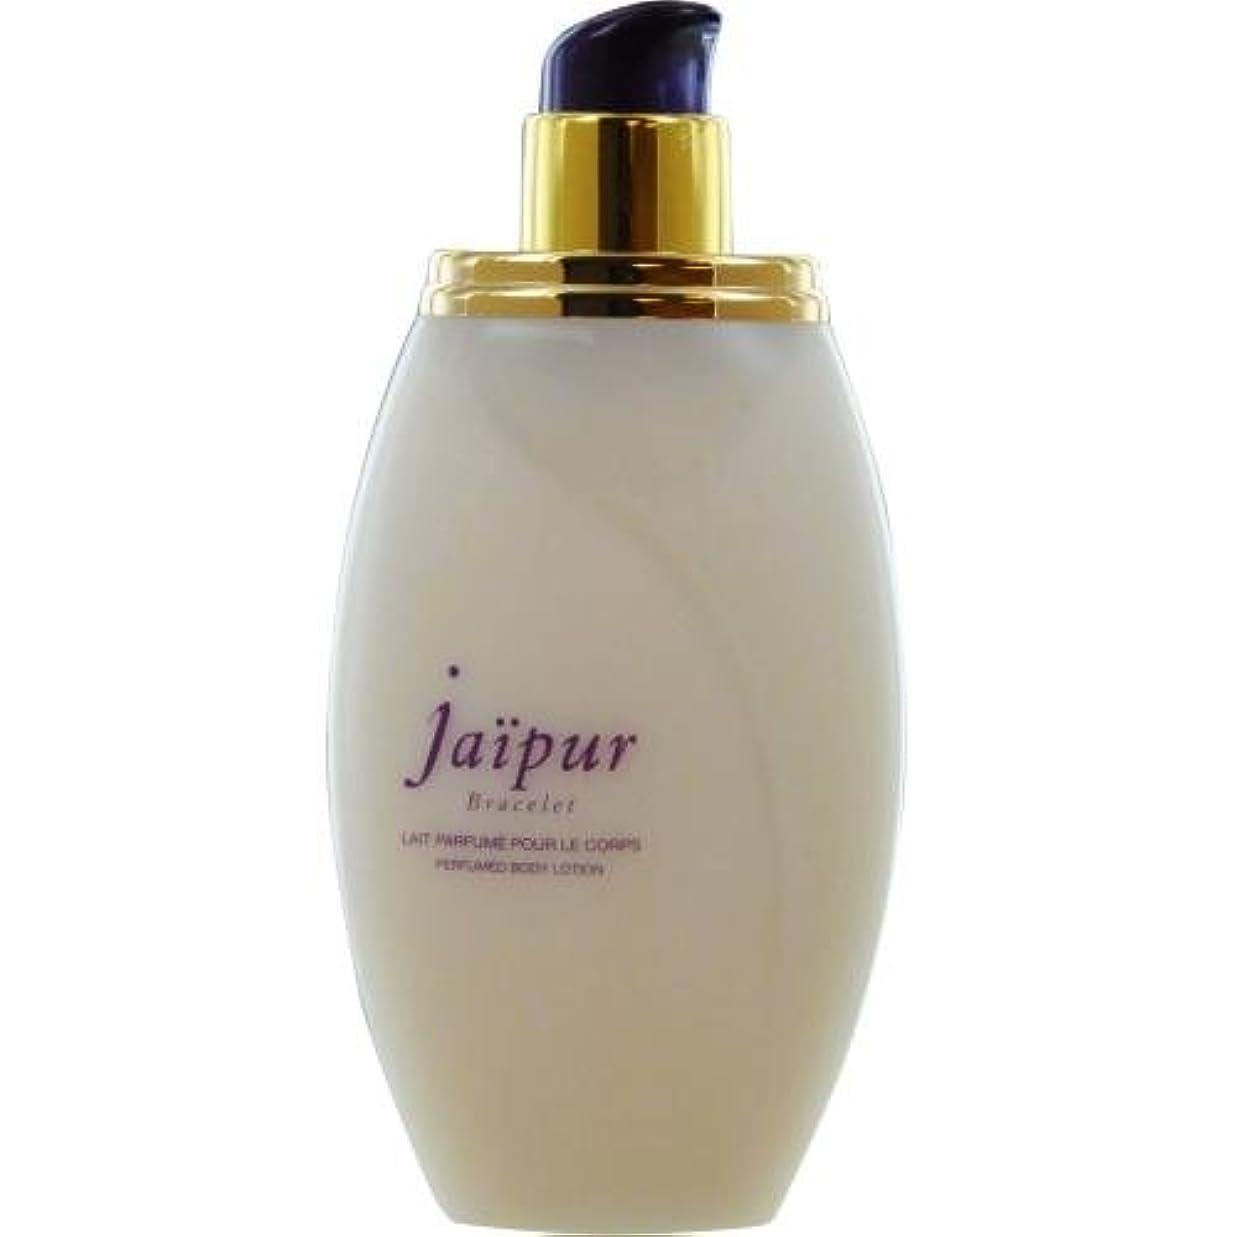 はっきりと泣く想定Jaipur Bracelet Perfumed Body Lotion